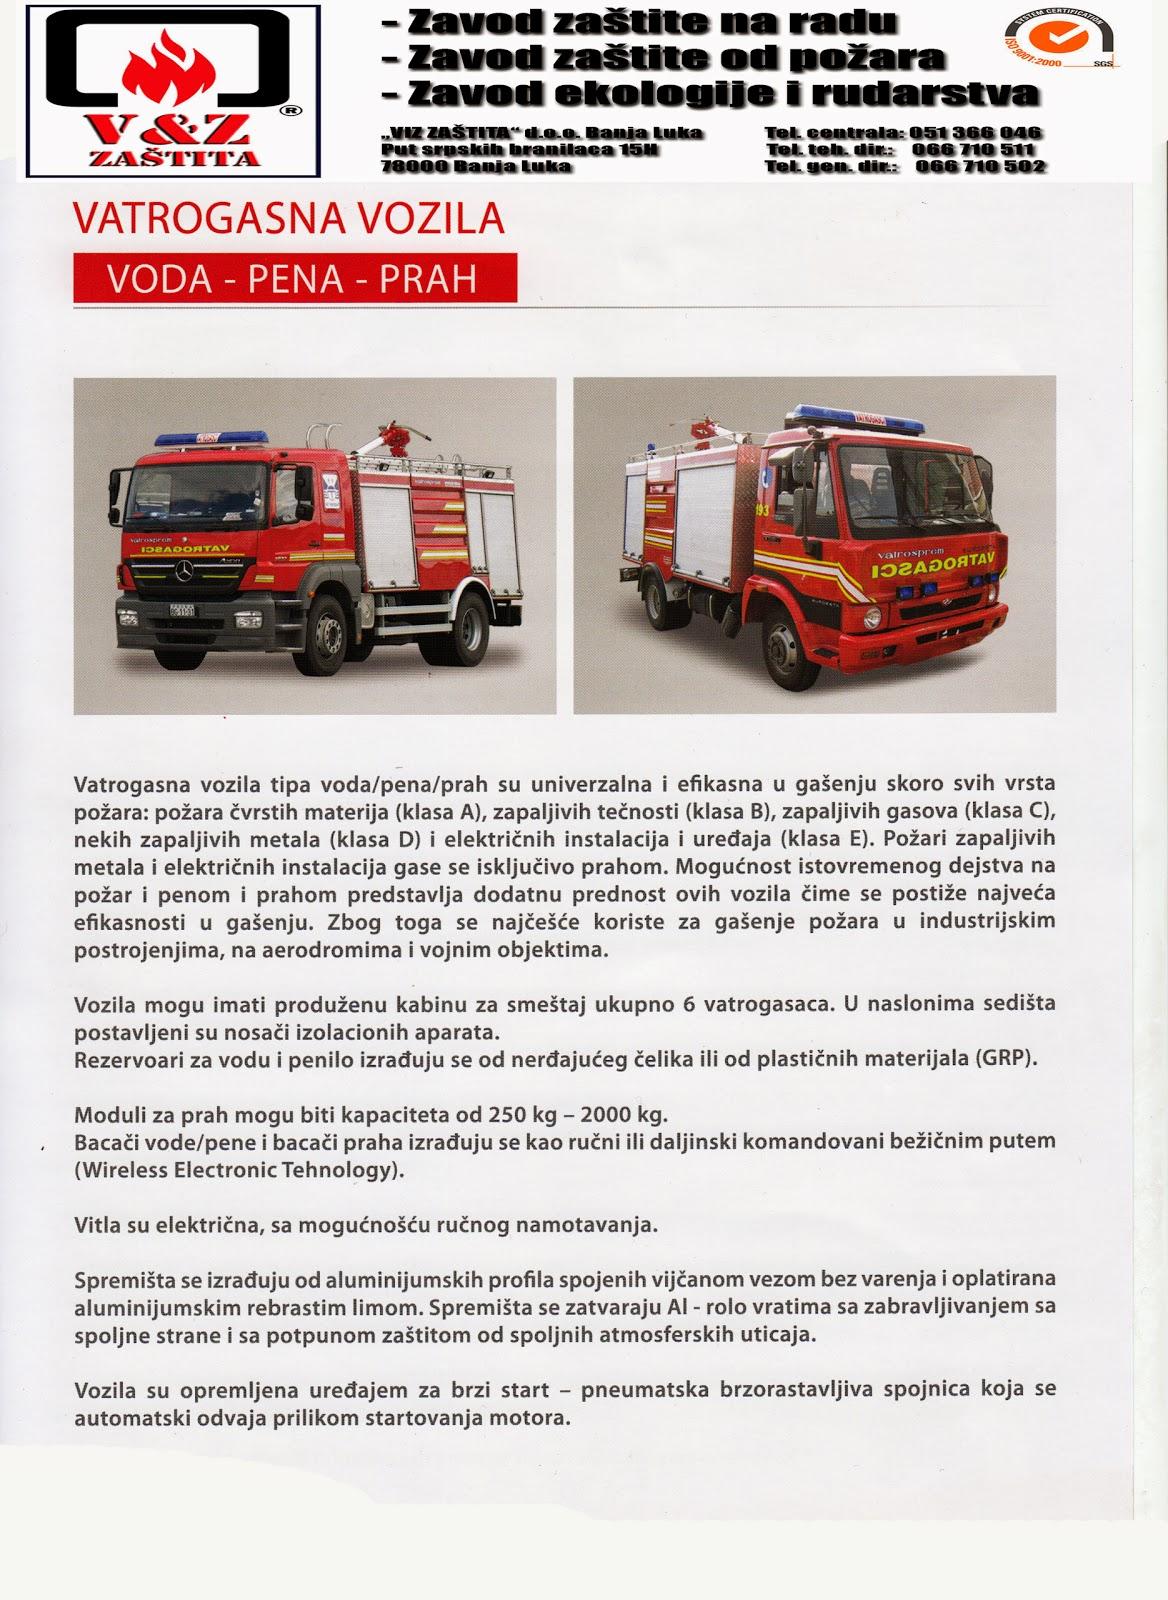 Prodaja i servisiranje vatrogasne opreme. Vatrogasni aparati, zidni hidrantski ormarići, hidrantski ormari, vatrogasna crijeva, mlaznice, hidrantski nastavci, nadzemni i podzemni hidranti, hdrant. crijeva ostala protivpožarna i zaštitna sredstva i oprema, kontrolno servisiranje i ispitivanje aparata za gašenje požara, tehnička kontrola hidrantske mrežei, inženjering u oblasti zaštite projektovanje, izvođenje, rekonstrukcija, održavanje i popravke